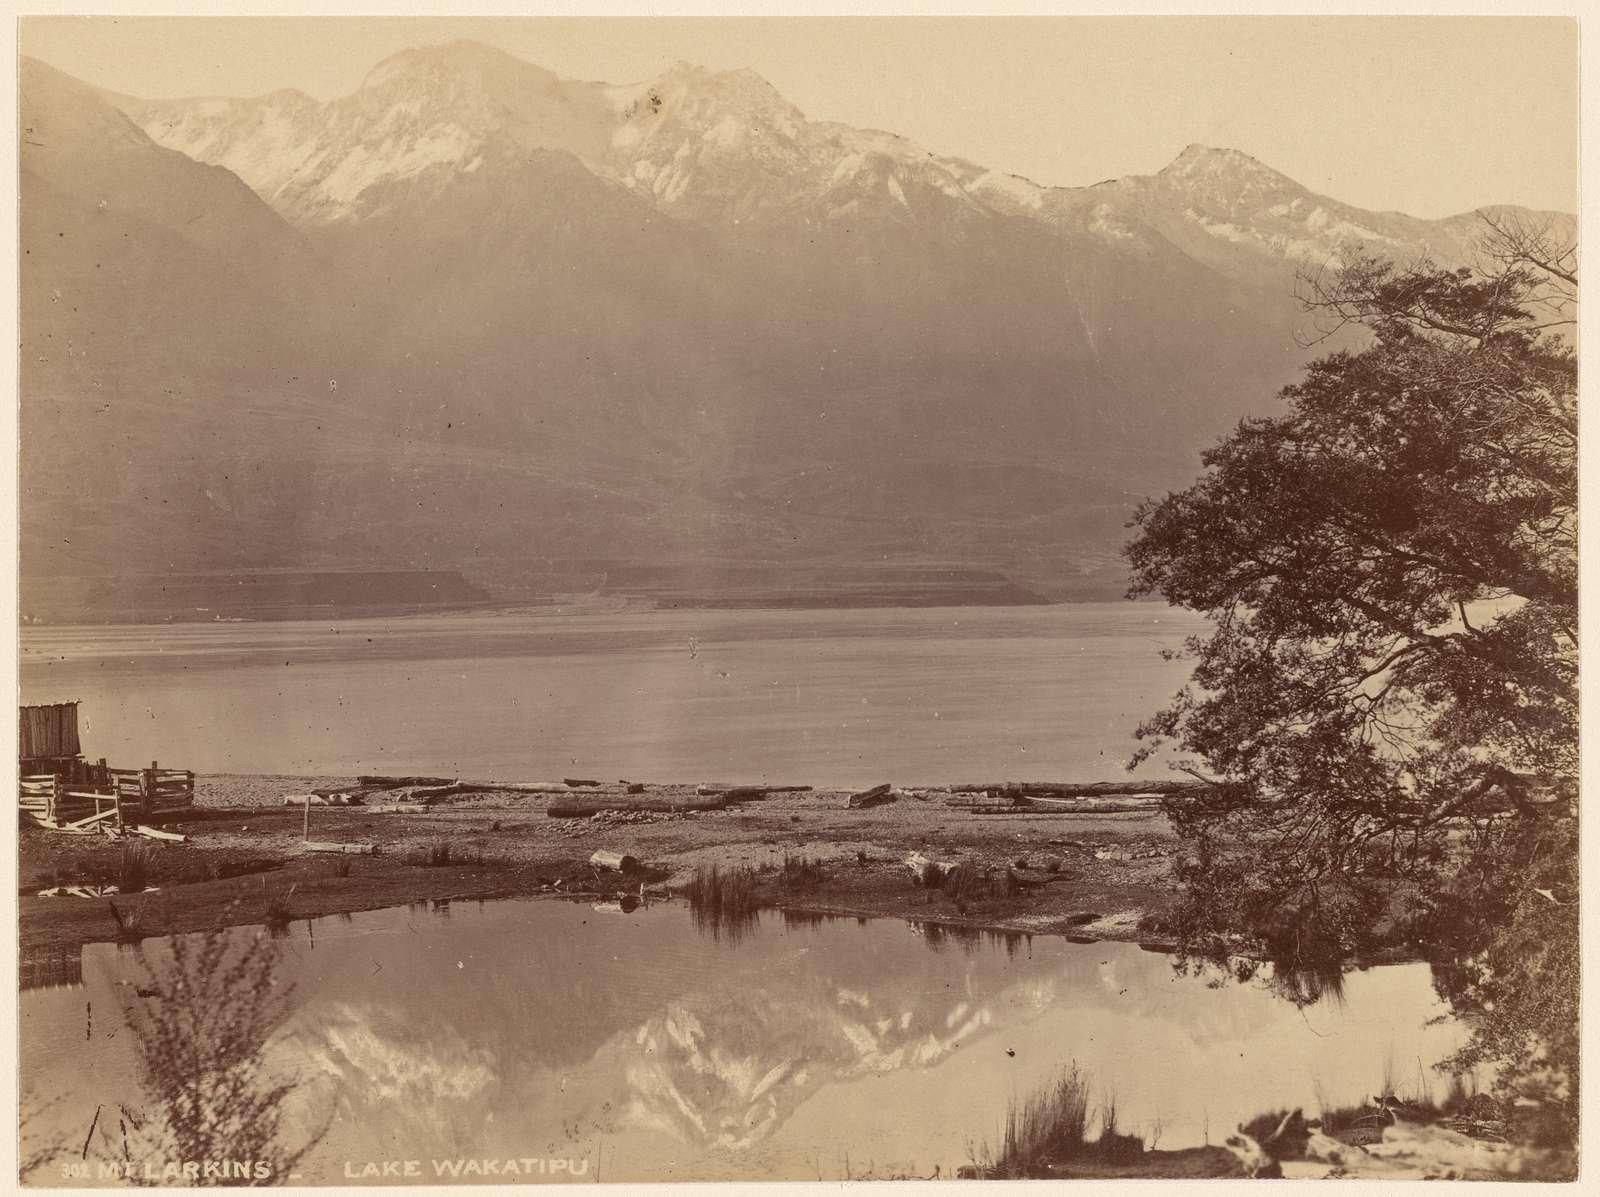 Mt. Larkins. Lake Wakatipu